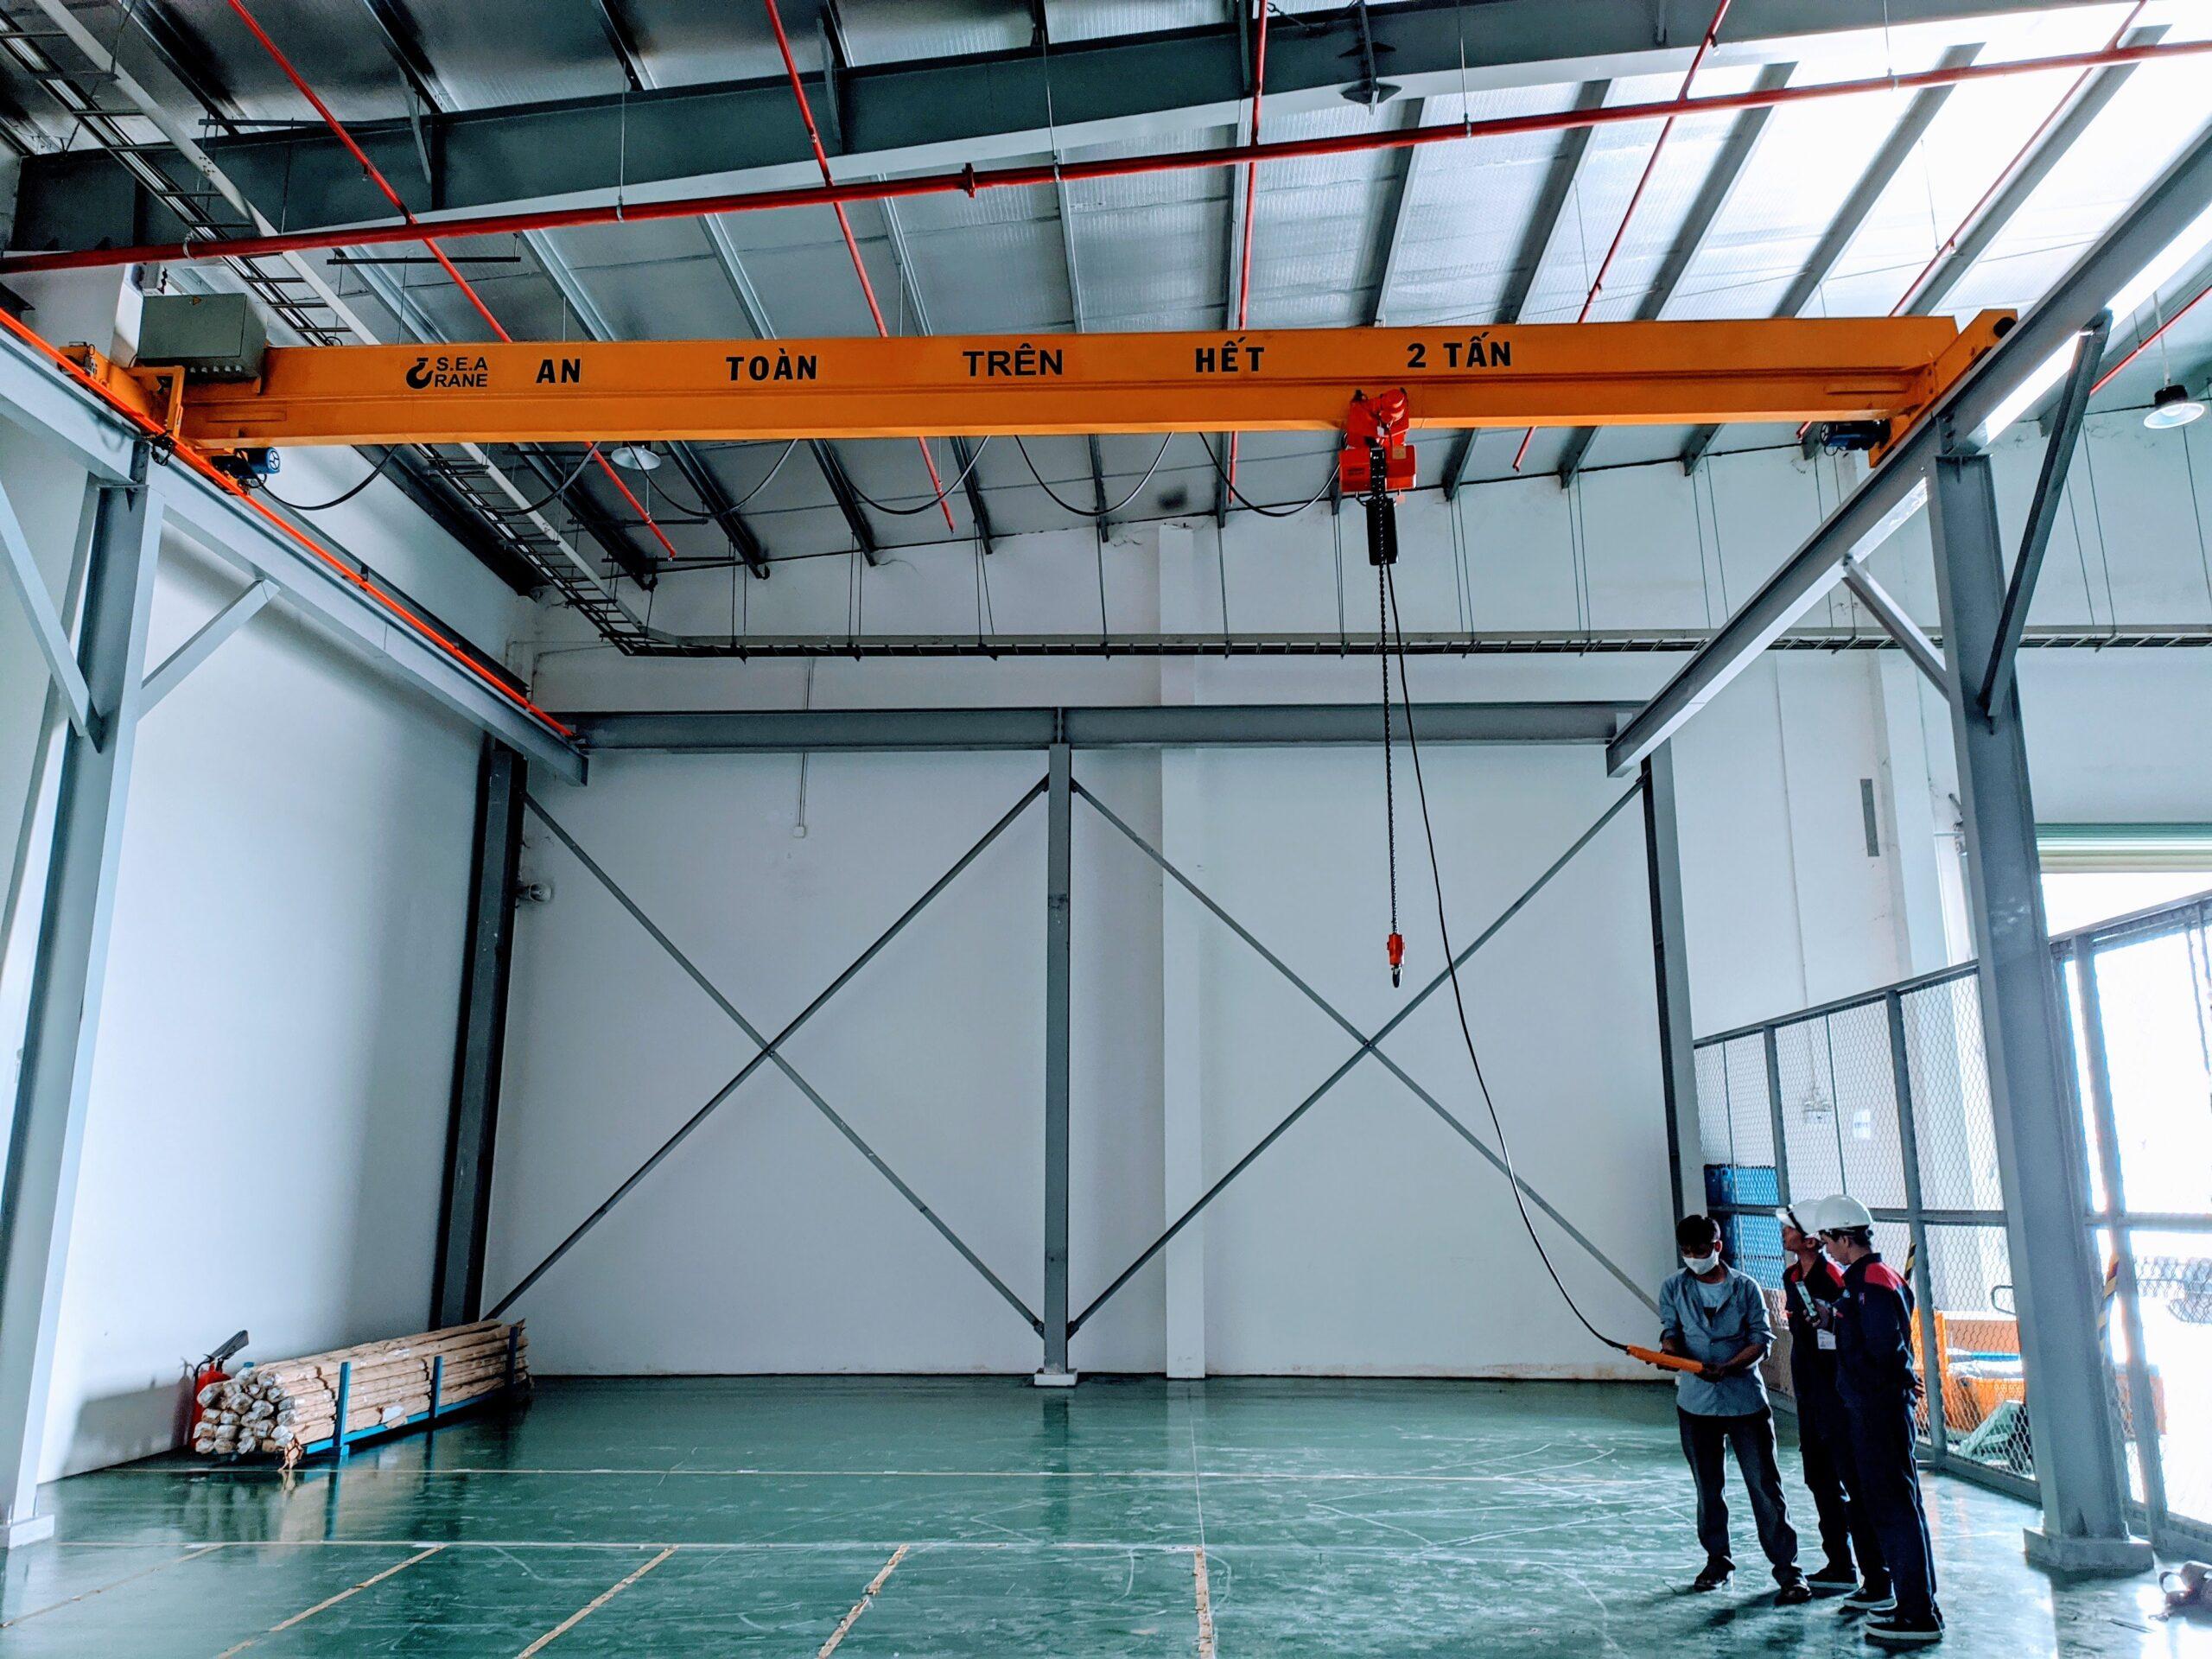 Cầu trục dầm đơn 2 tấn